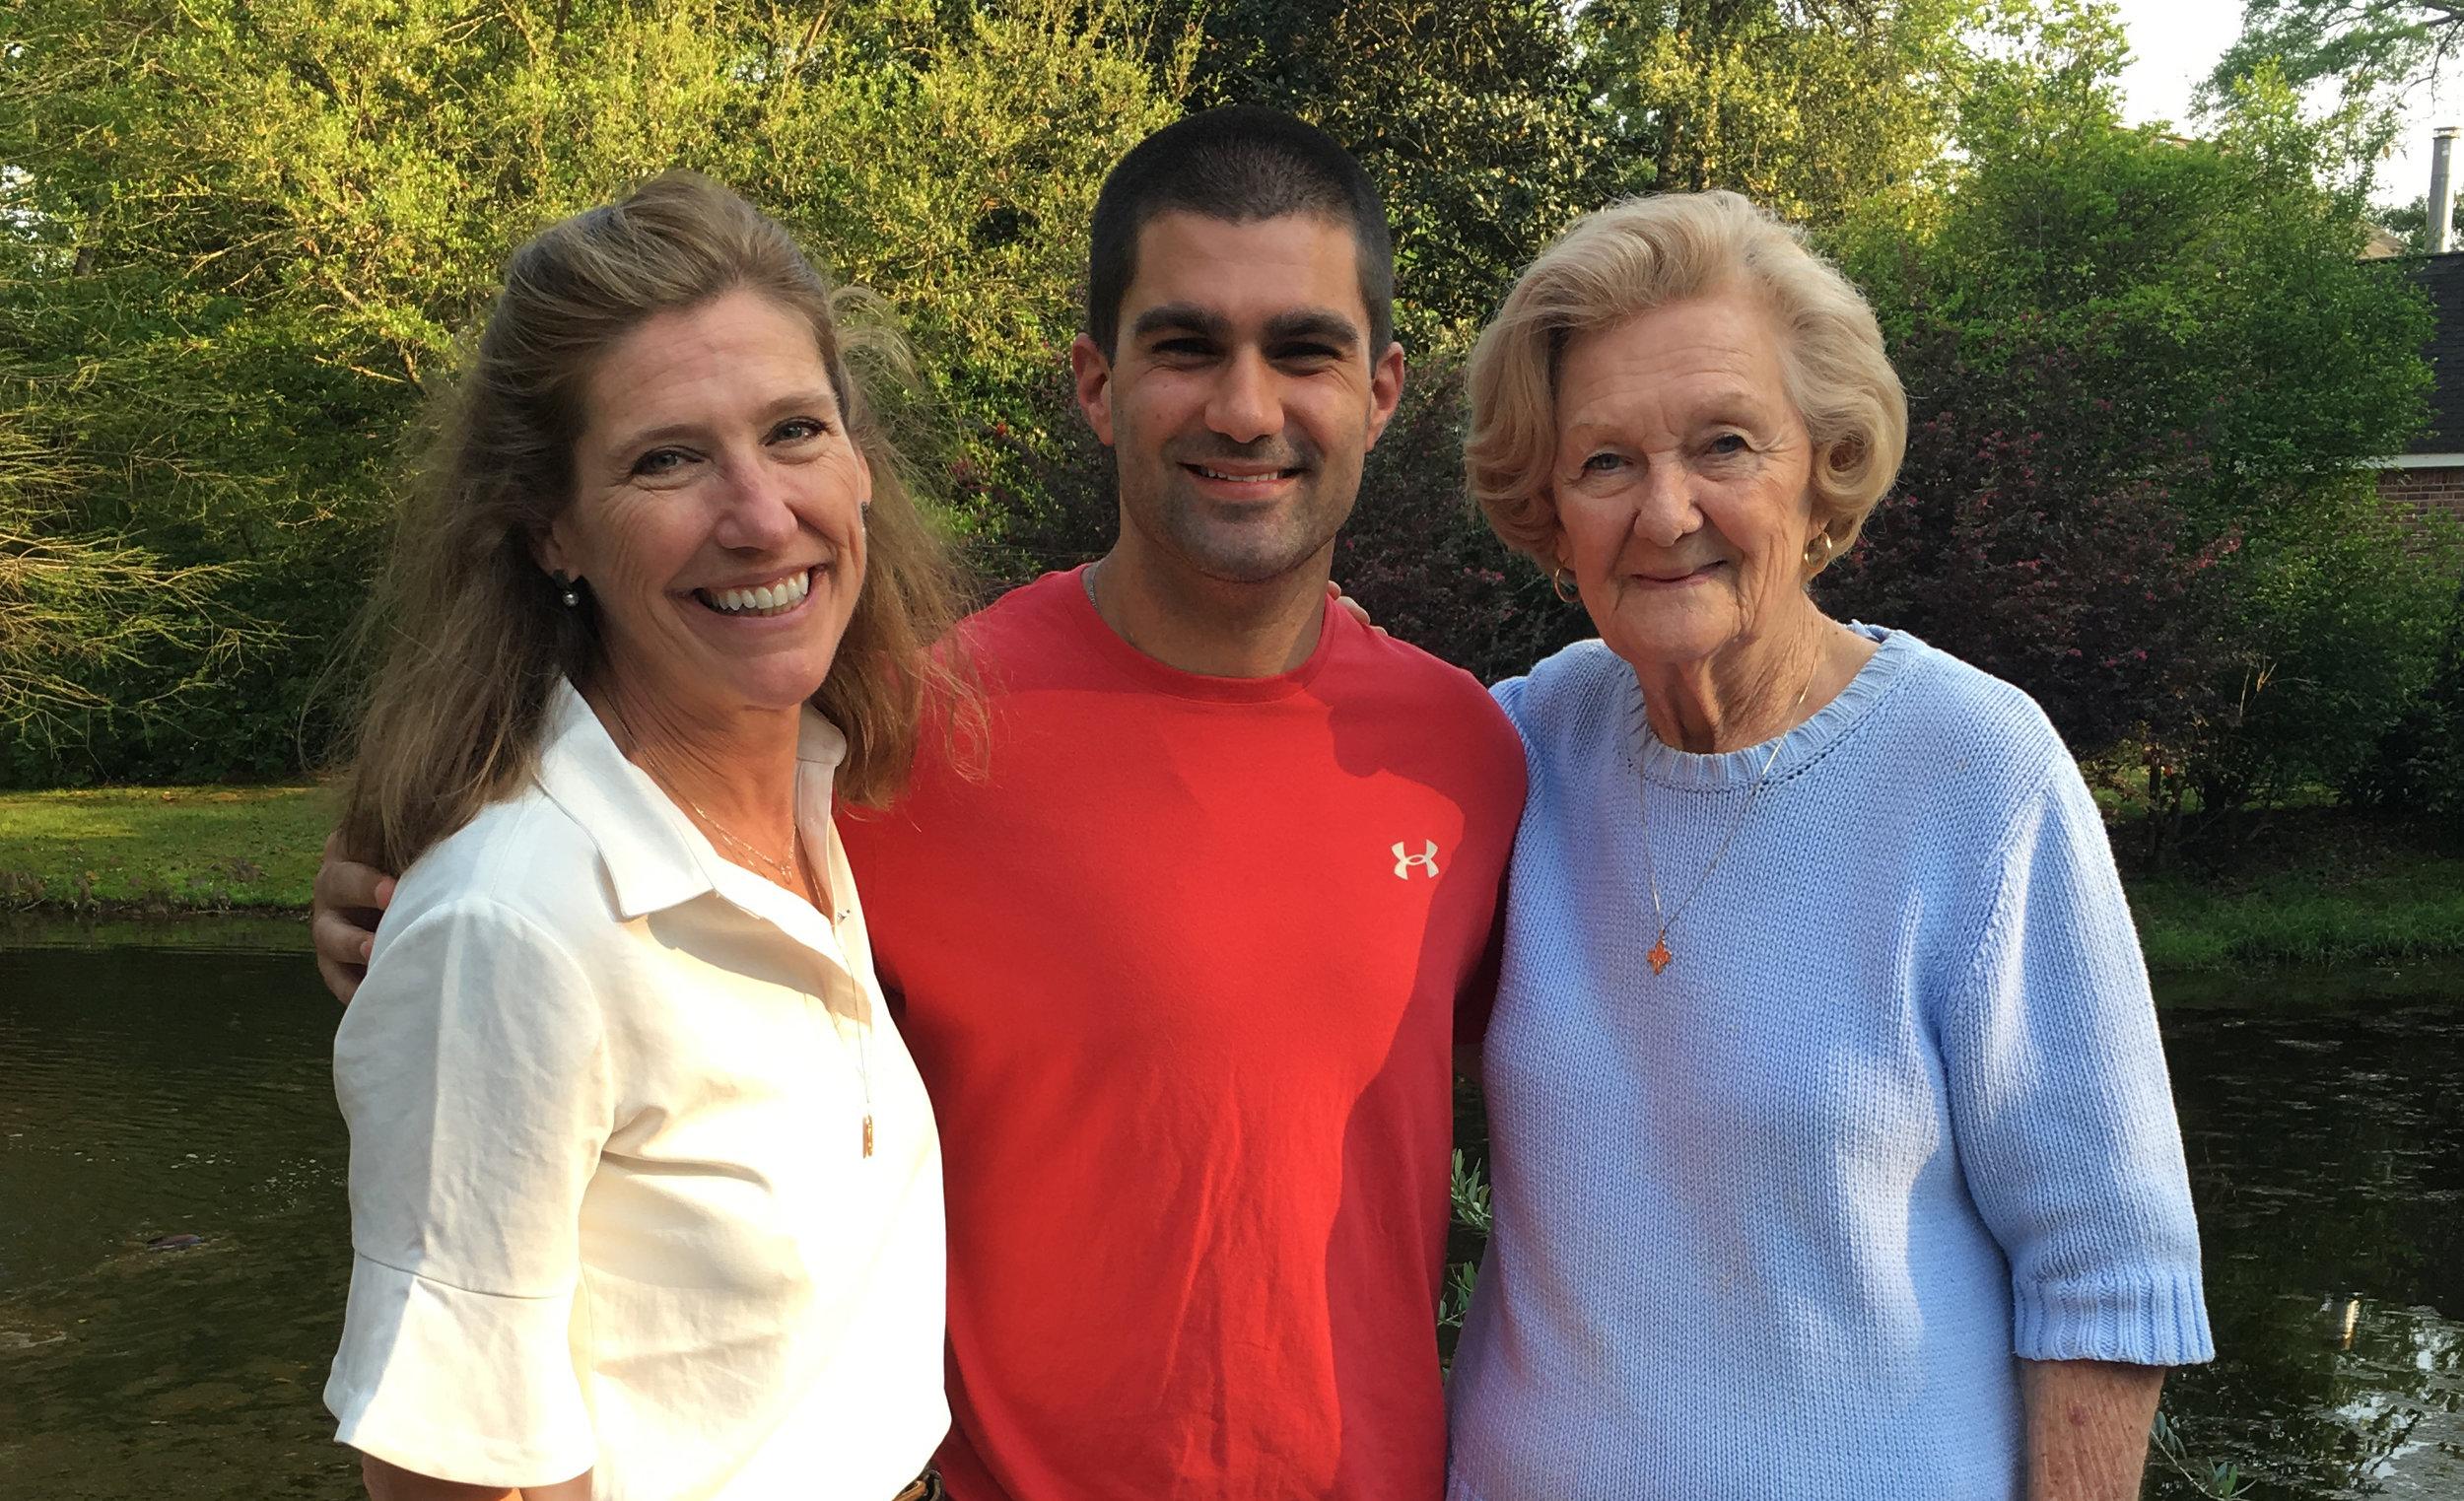 L to R: Priscilla Morse, Nick Ware and Kay Morse